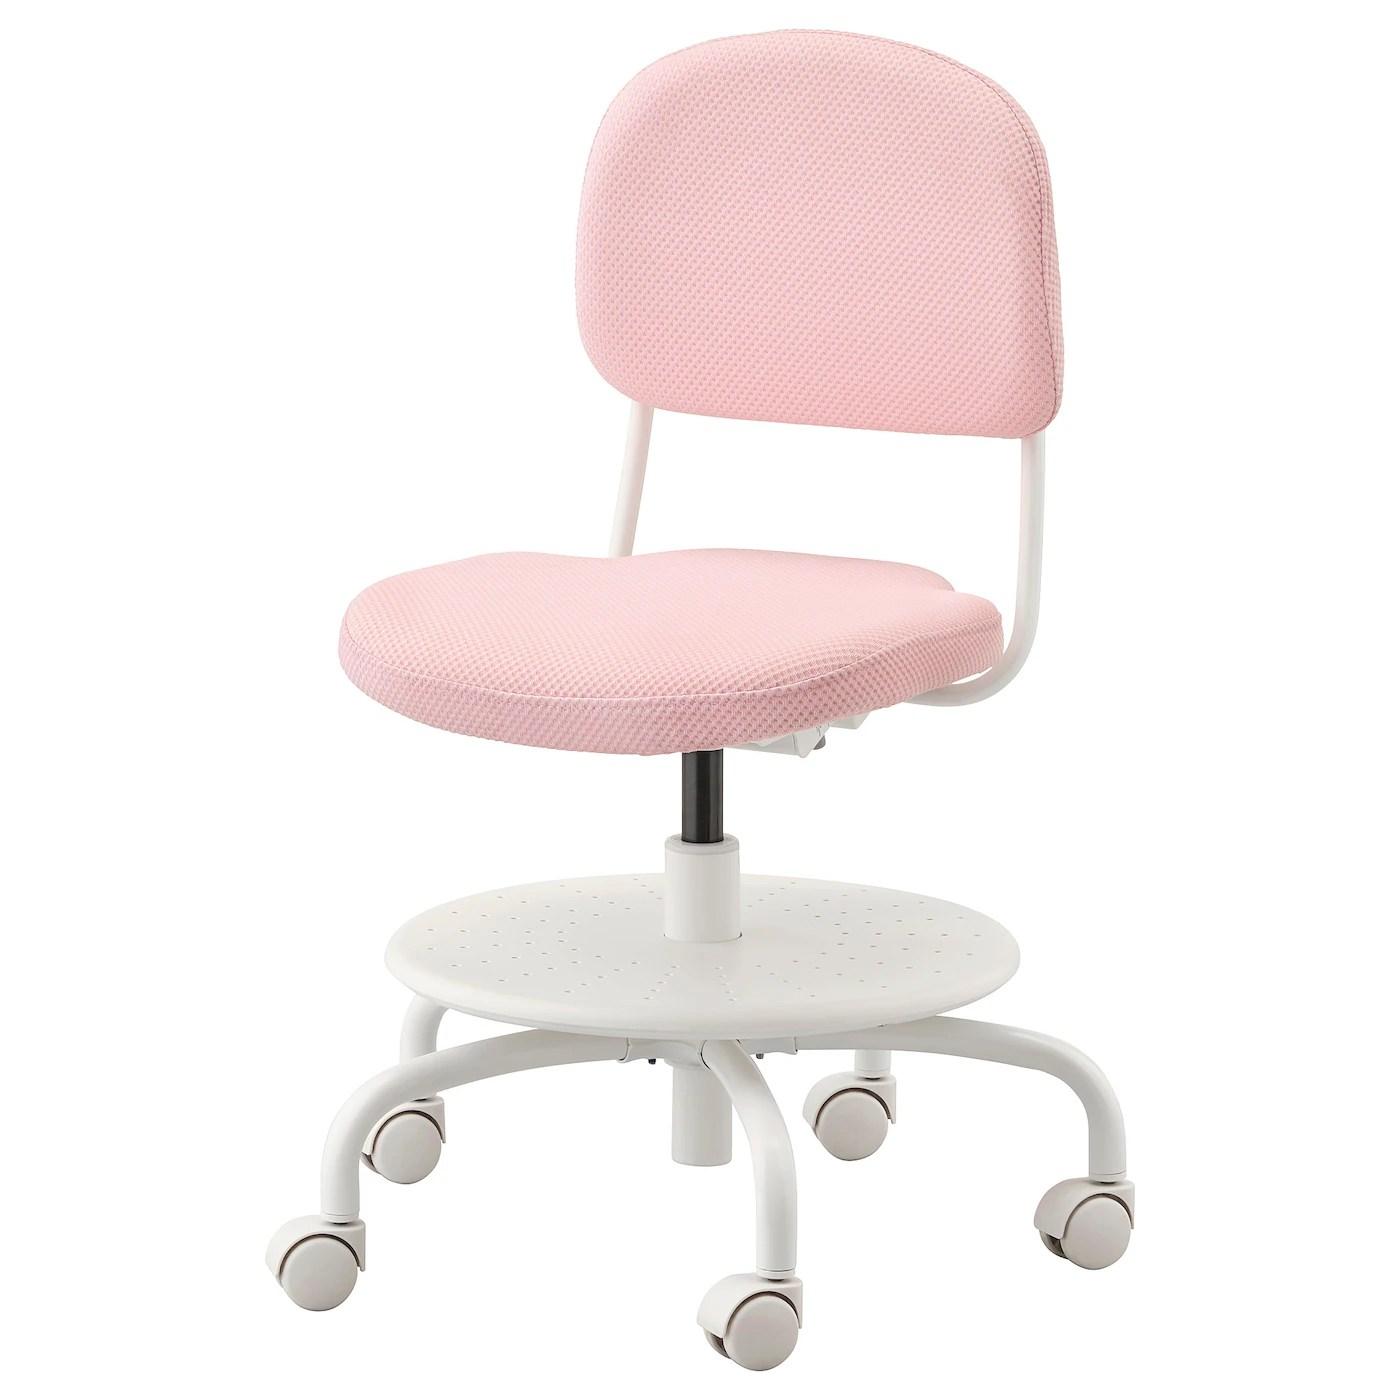 Arredamento ufficio scrivania libreria poltrone. Vimund Sedia Da Scrivania Per Bambini Rosa Pallido Ikea It